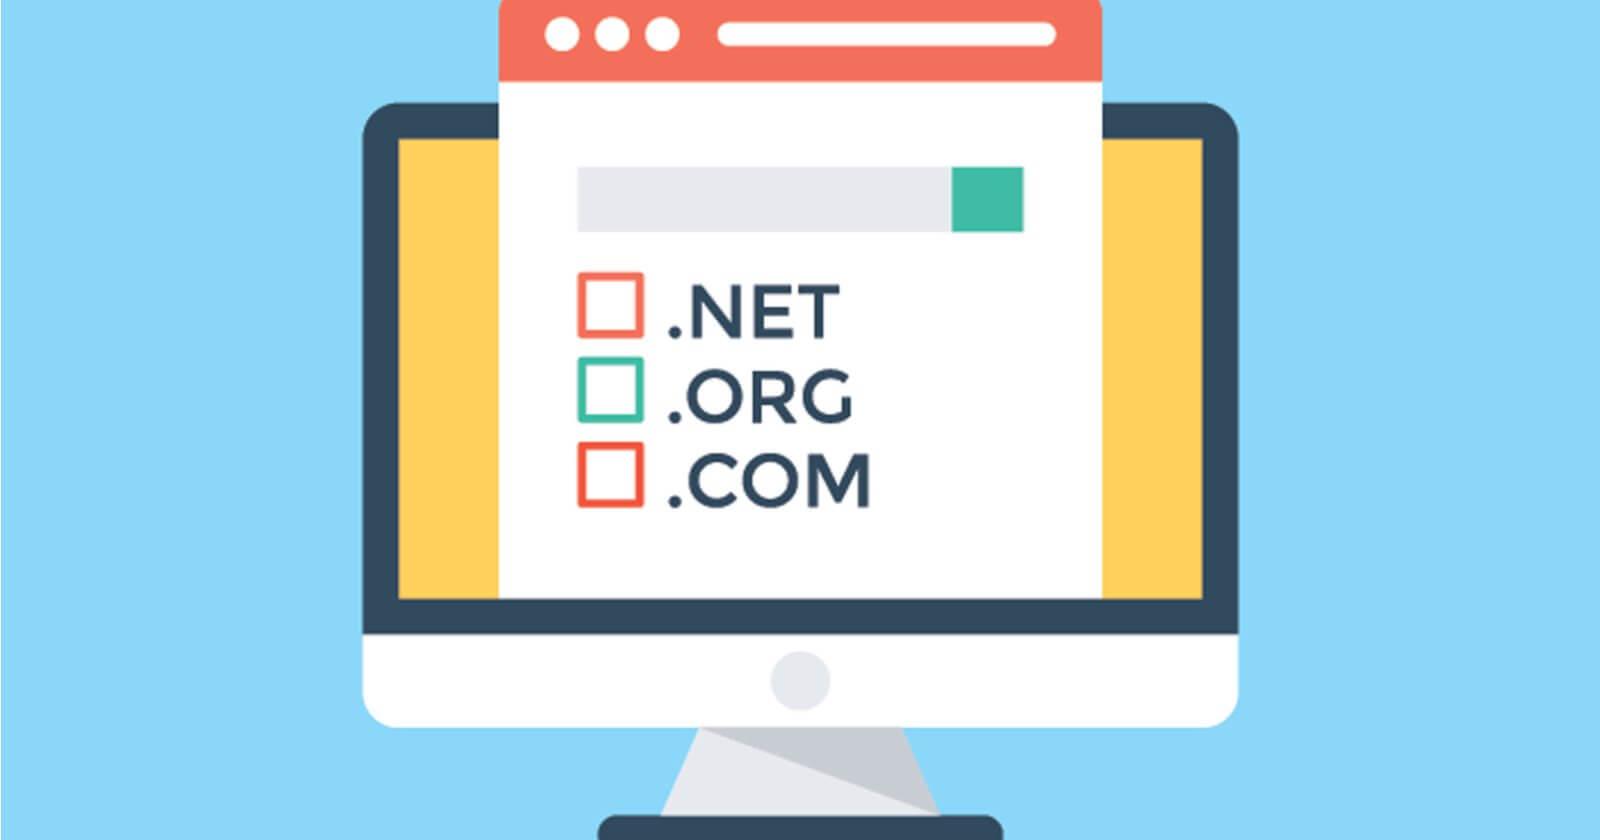 Lựa chọn tên miền phù hợp cho website